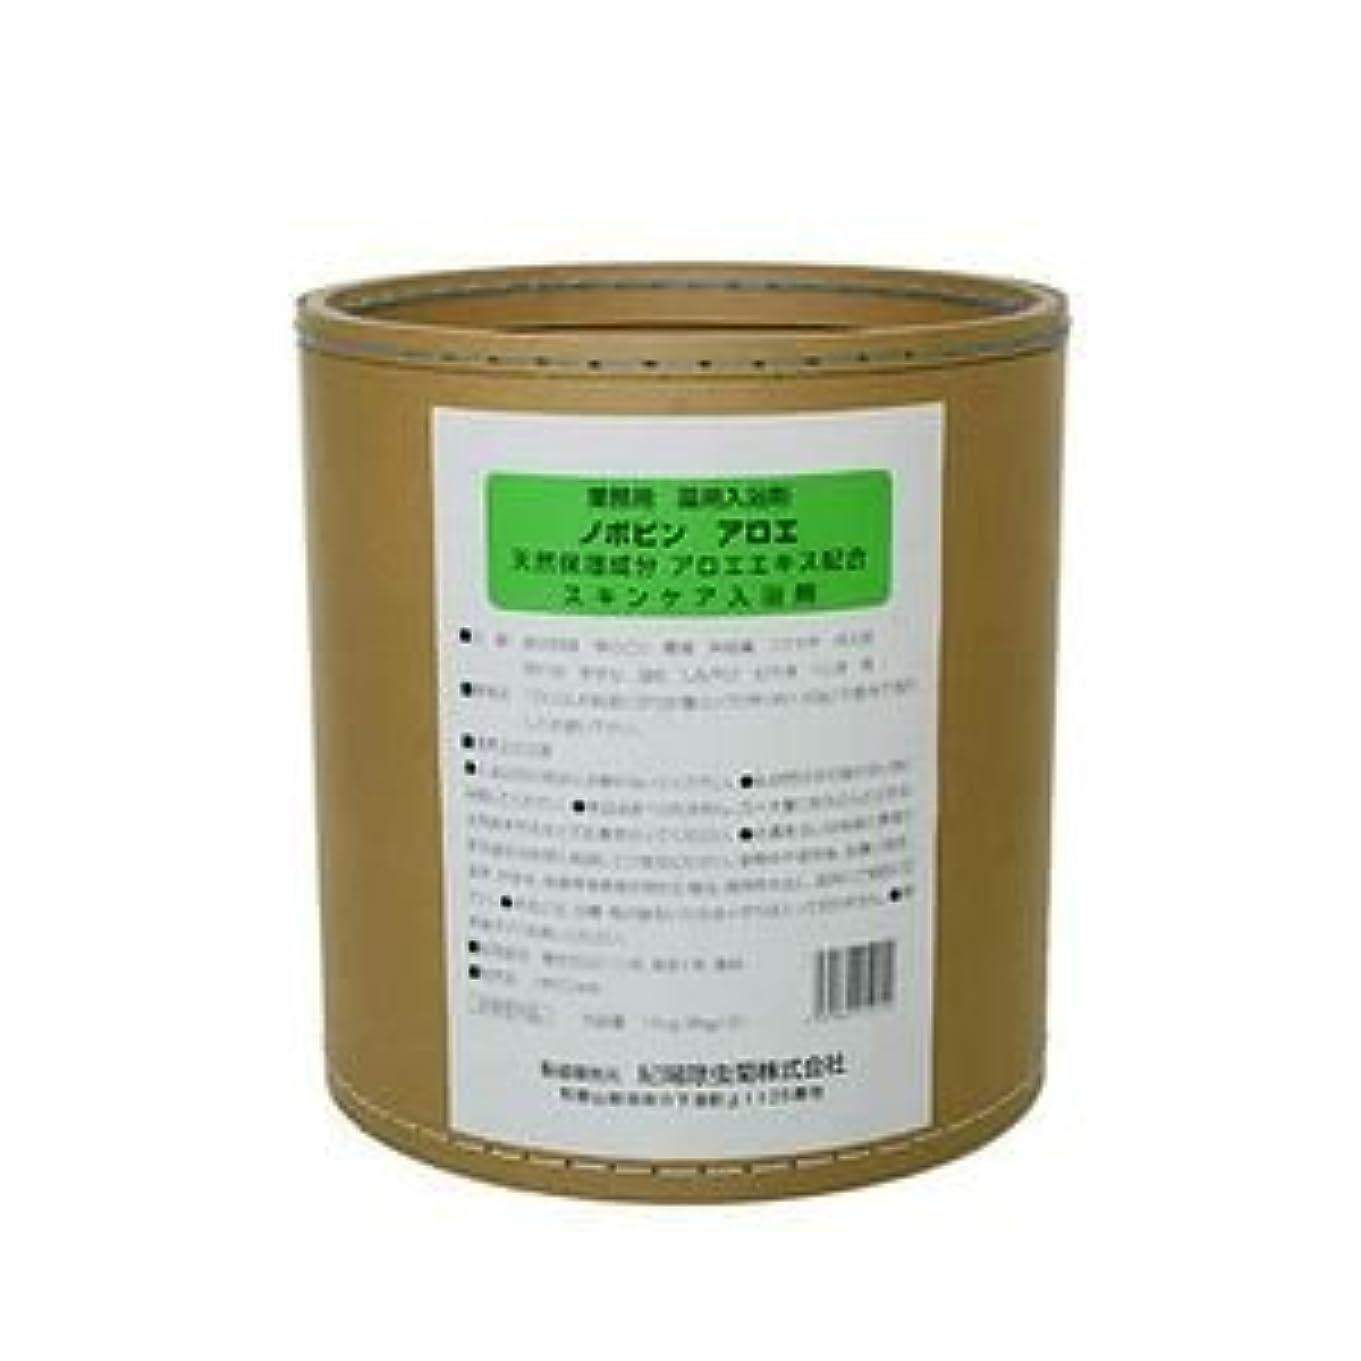 厚さ砲兵宣教師業務用 バス 入浴剤 ノボピン アロエ 16kg(8kg+2)